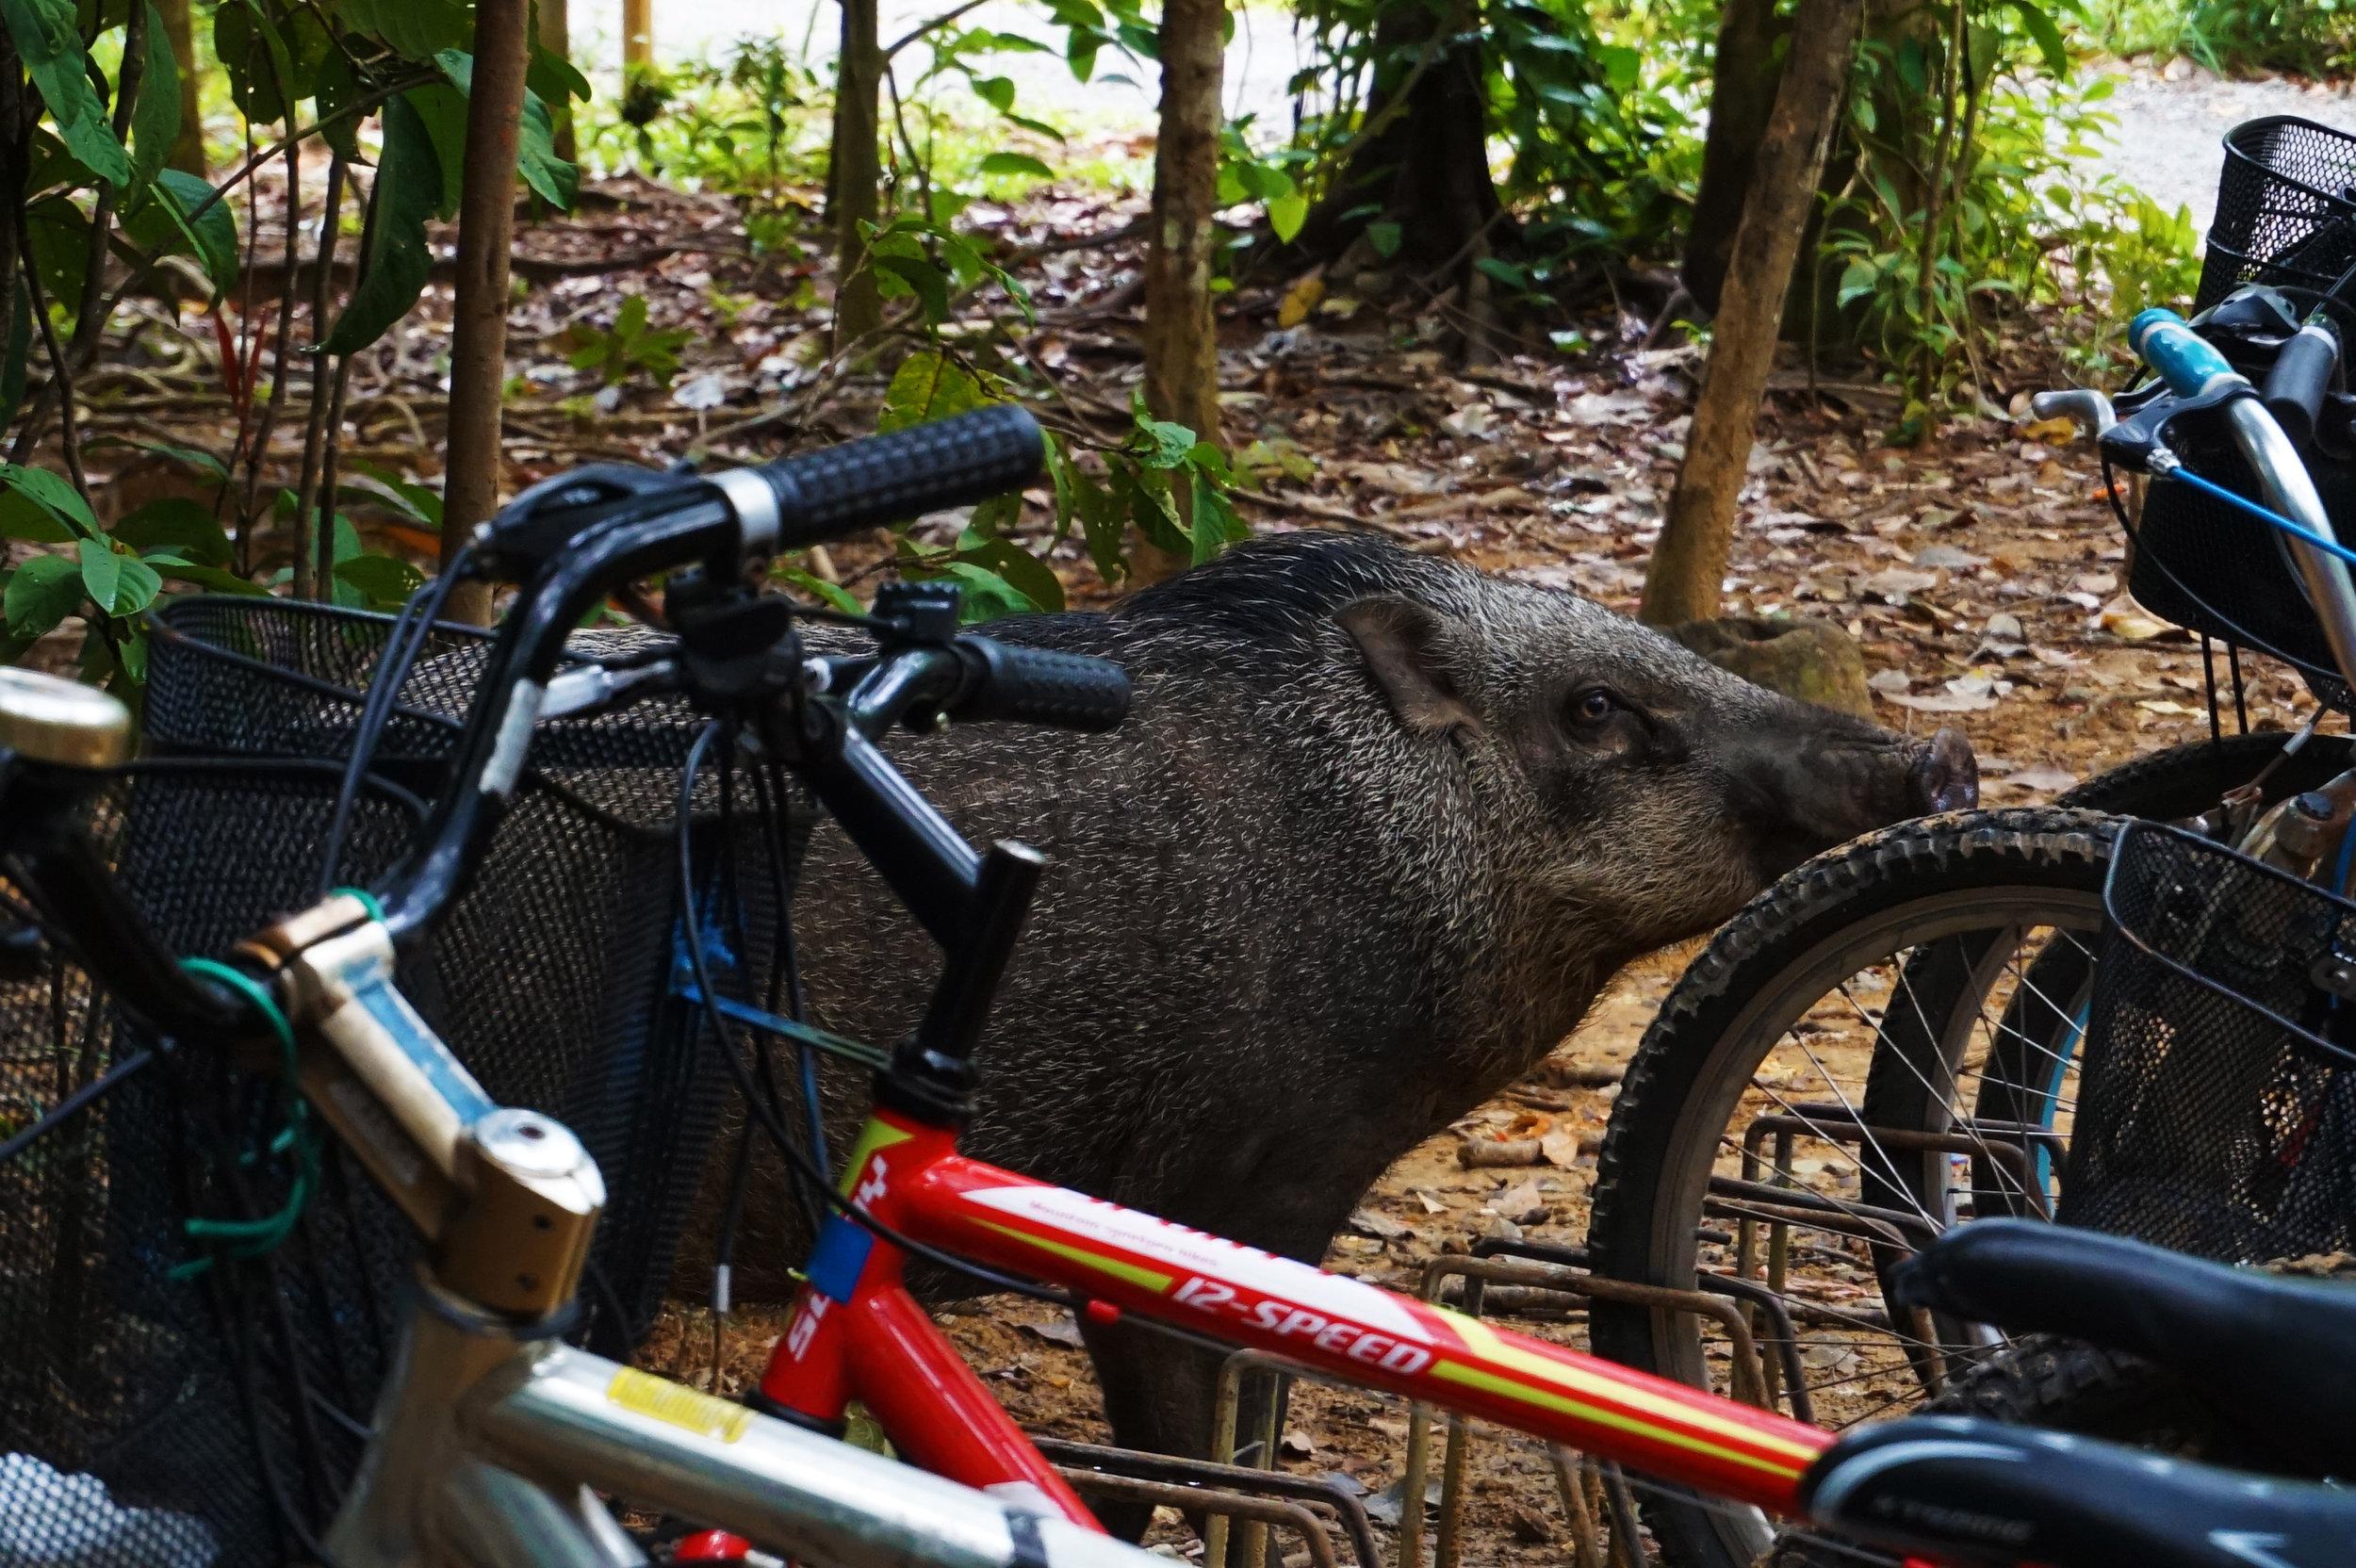 We found the wild boar!